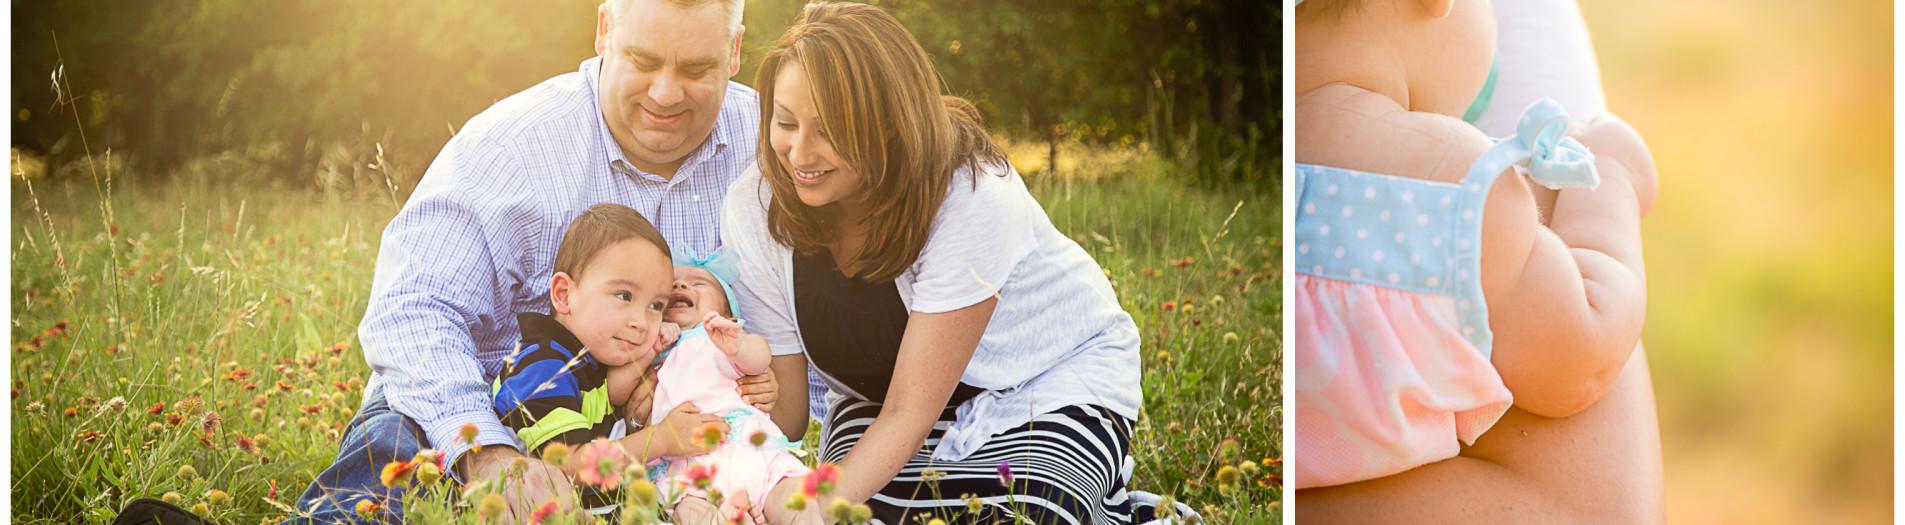 Campbell Family - Frisco, Texas Photographer Hornbuckle Creative